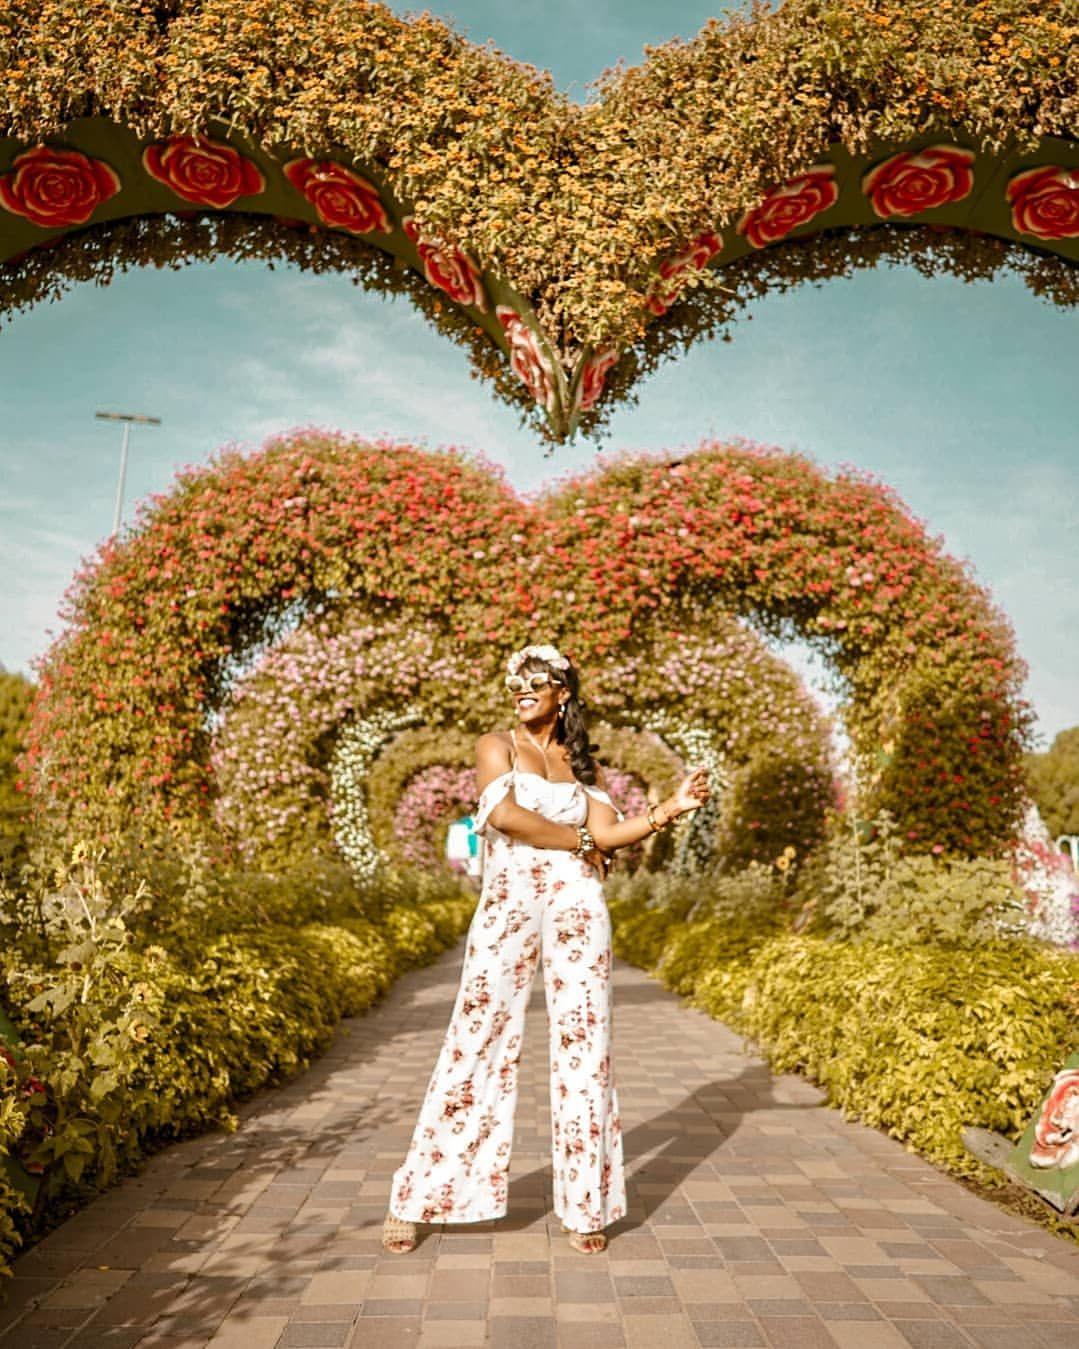 Dubai Miracle garden in 2019 Miracle garden, Dubai